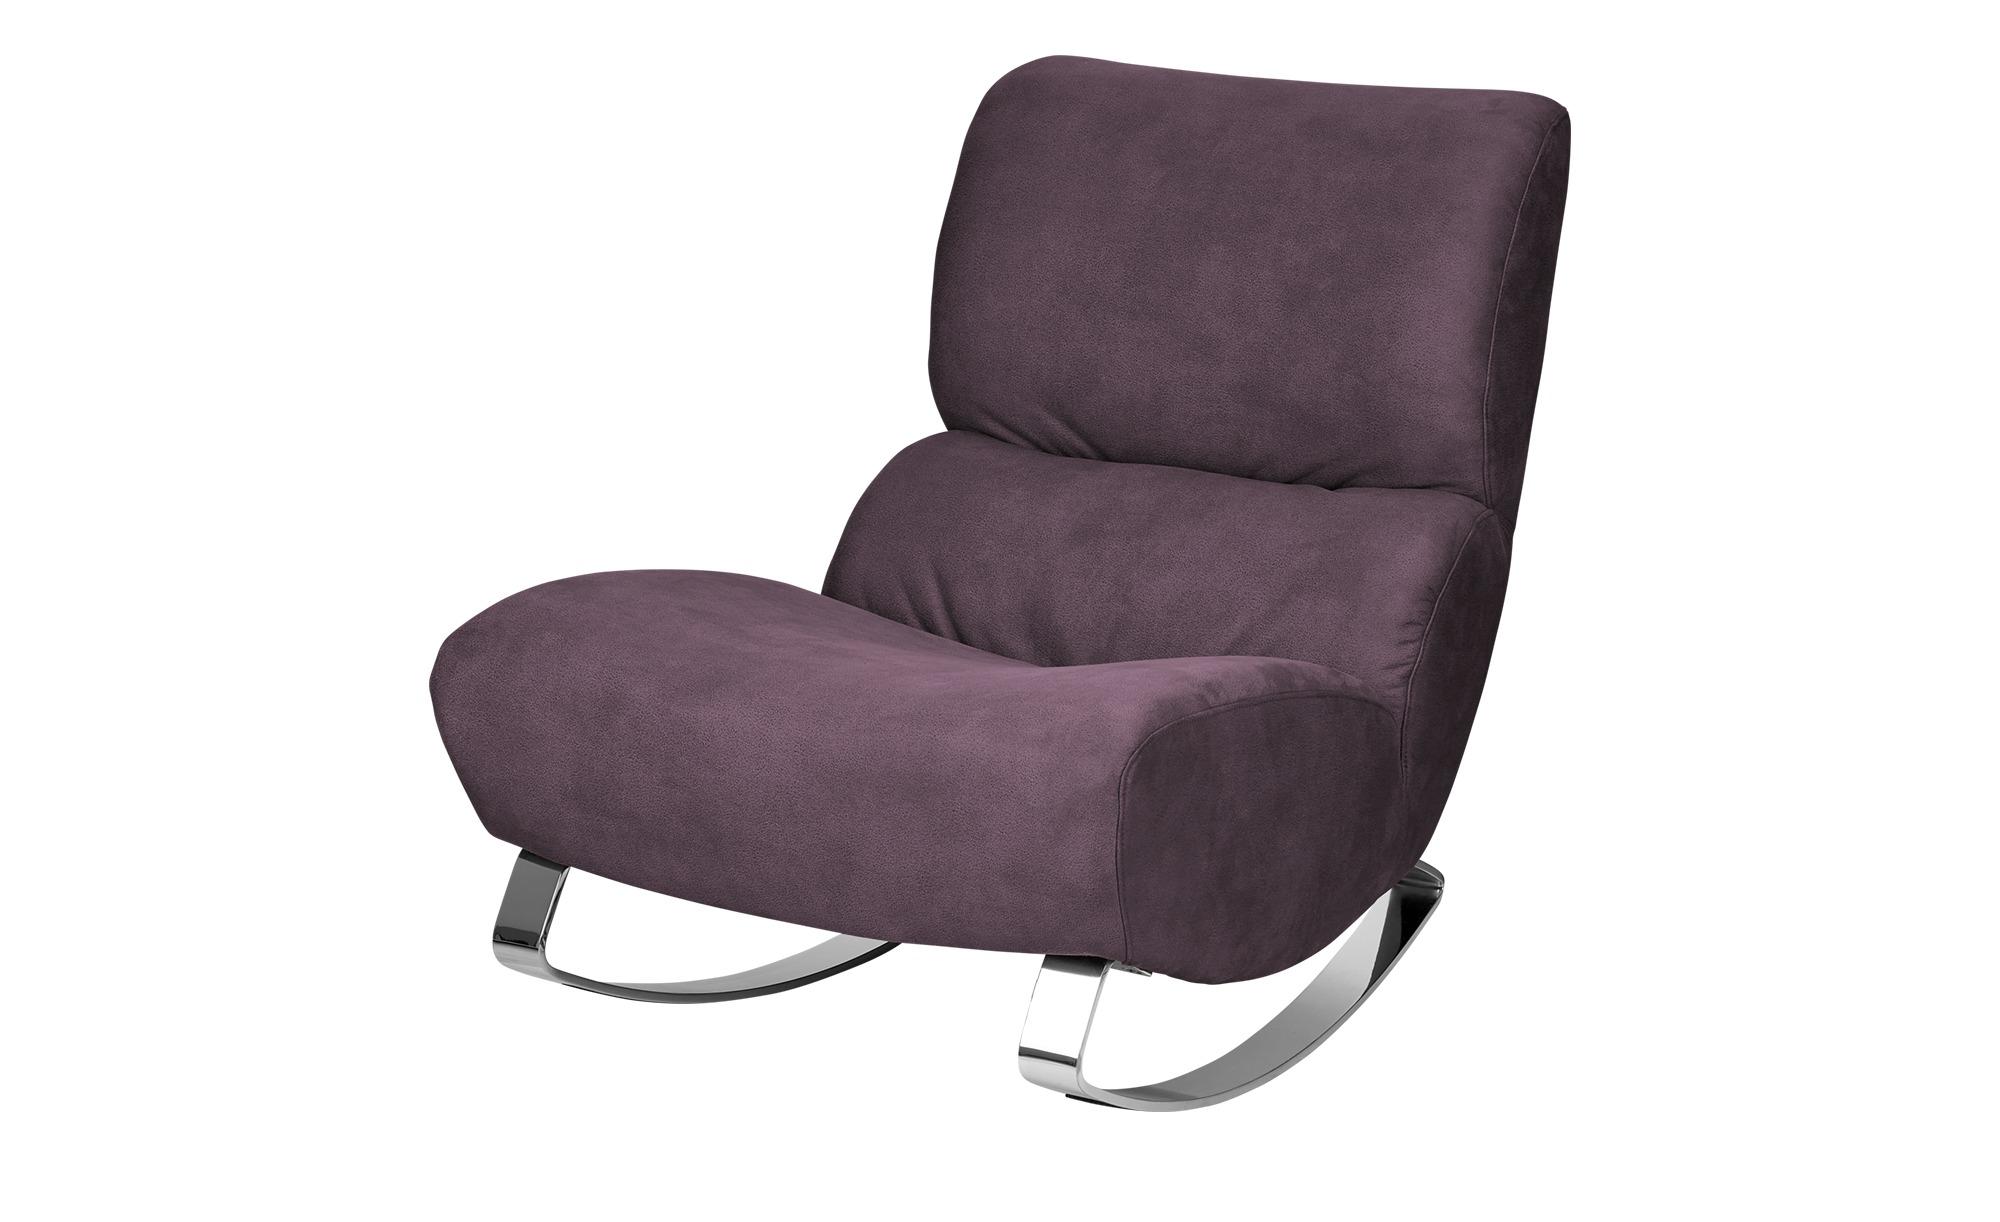 Design-Sessel violett - Stoff Citole ¦ lila/violett ¦ Maße (cm): B: 76 H: 90 T: 103 Polstermöbel > Sessel > Polstersessel - Höffner